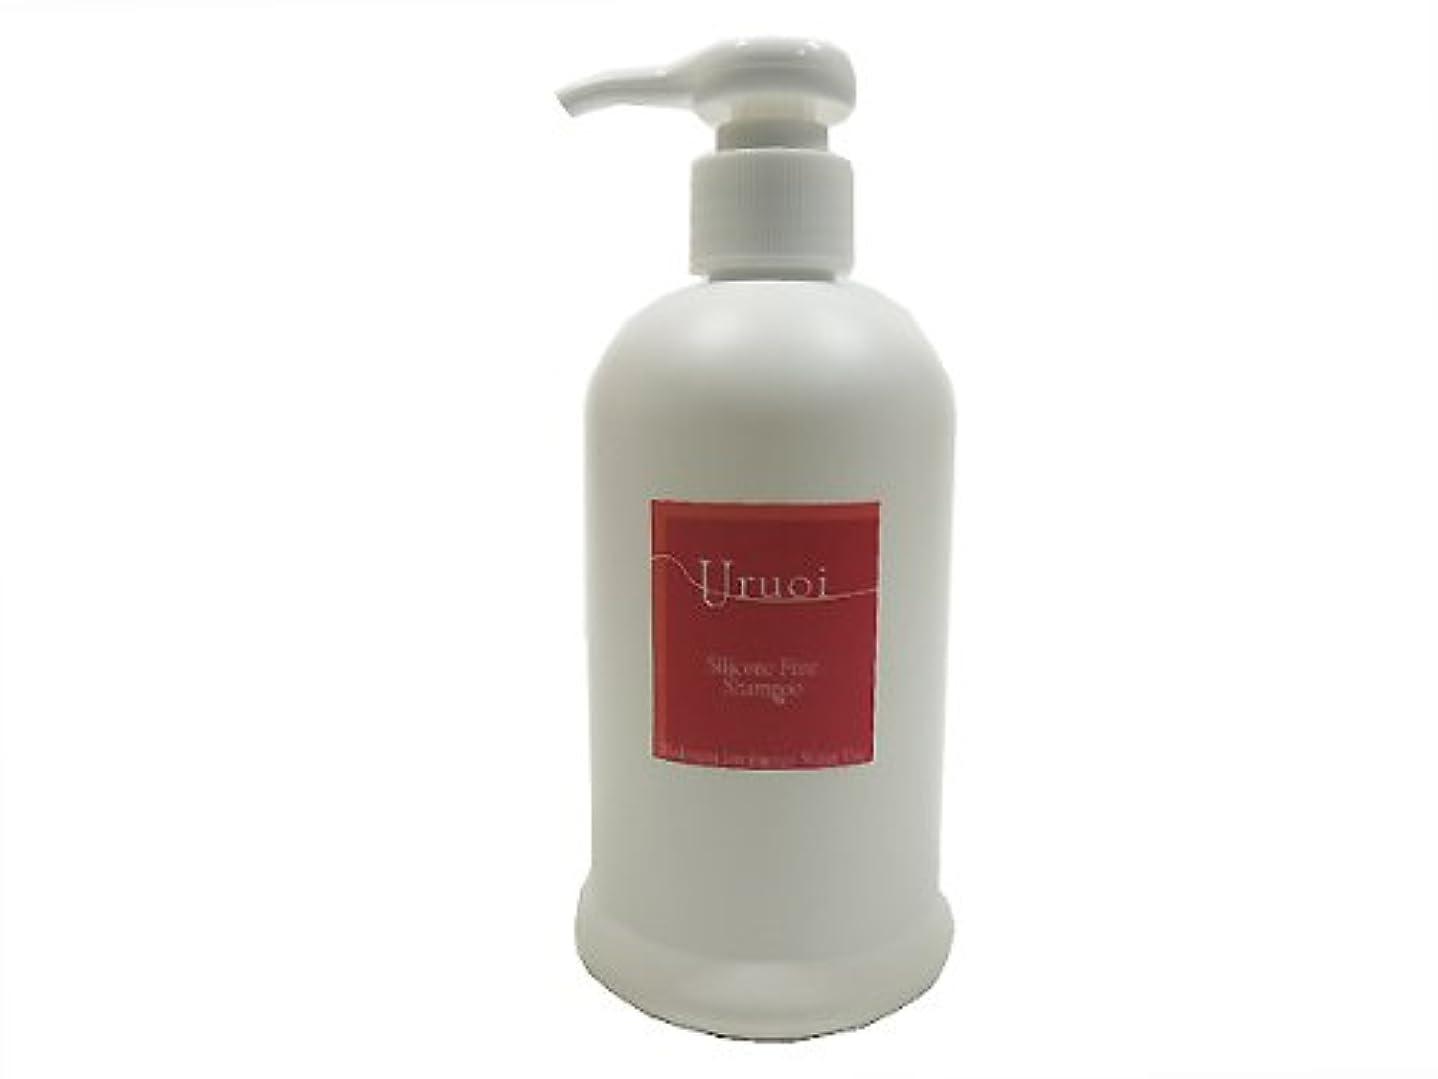 志すラック印刷する水素イオン発生エネルギー水 うるおいシャンプー ノンシリコン Silicone Free Uruoi Shampoo